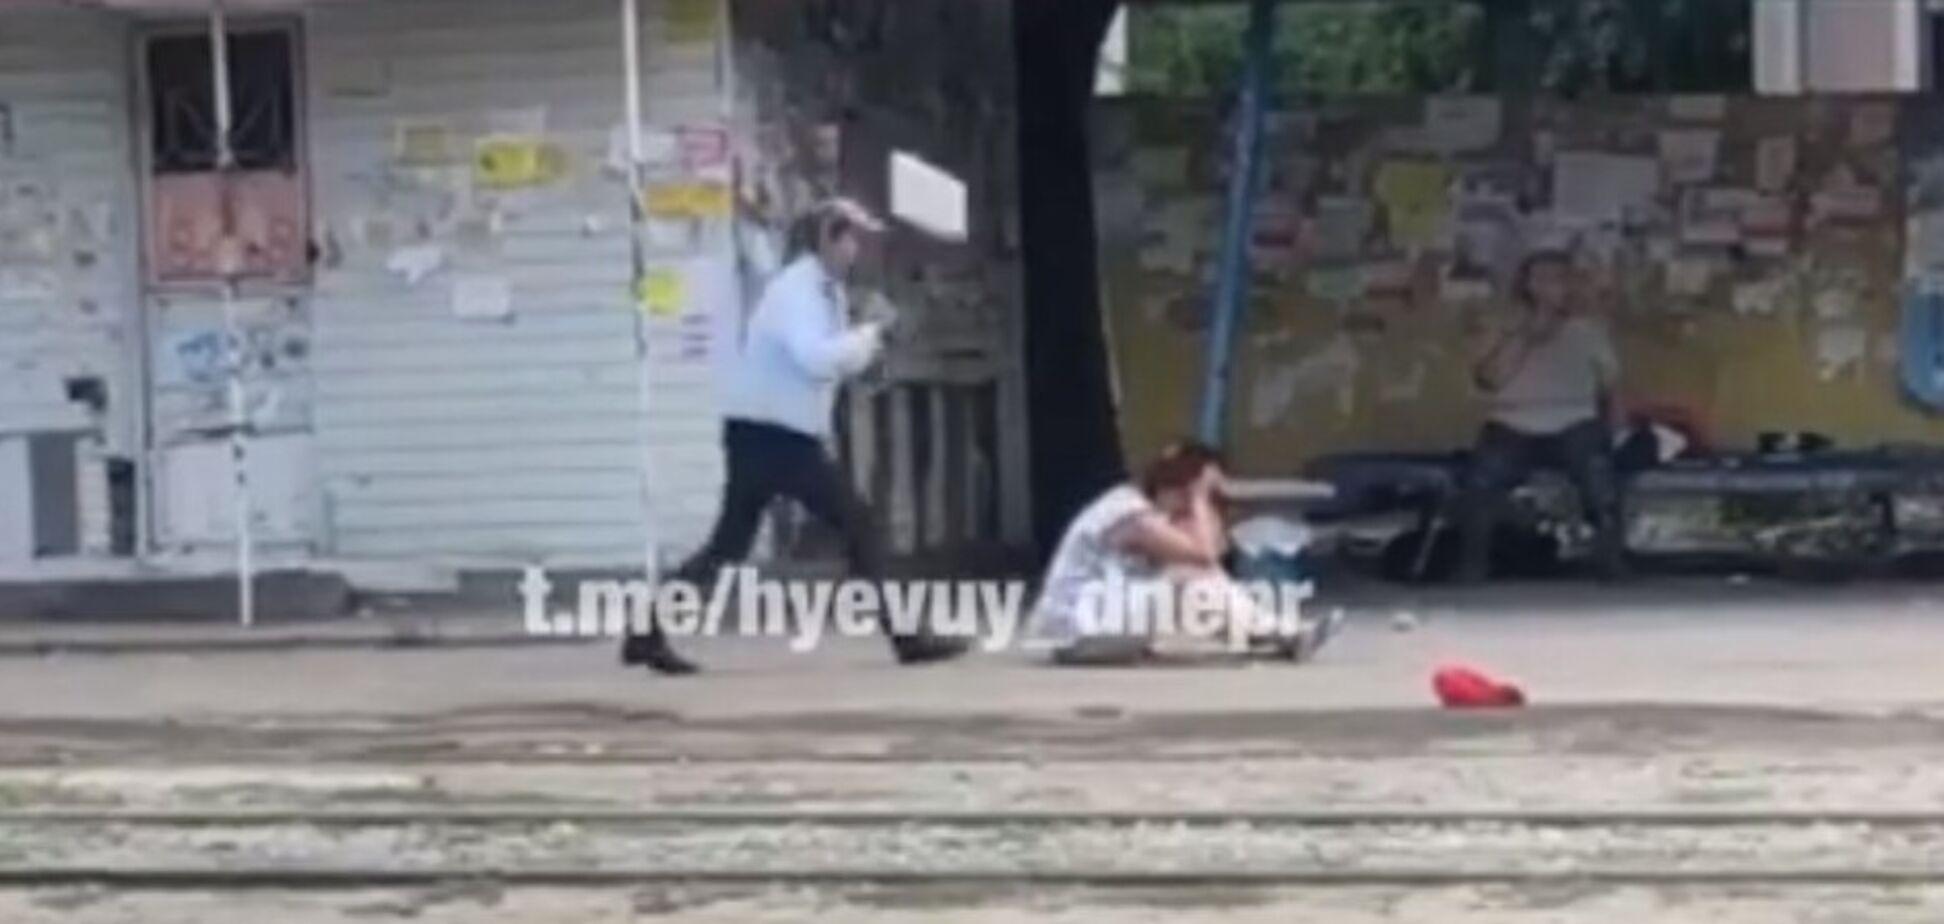 'Встала! Я тут заметать буду!' В Днепре дворник ударила женщину металлическим совком. Видео